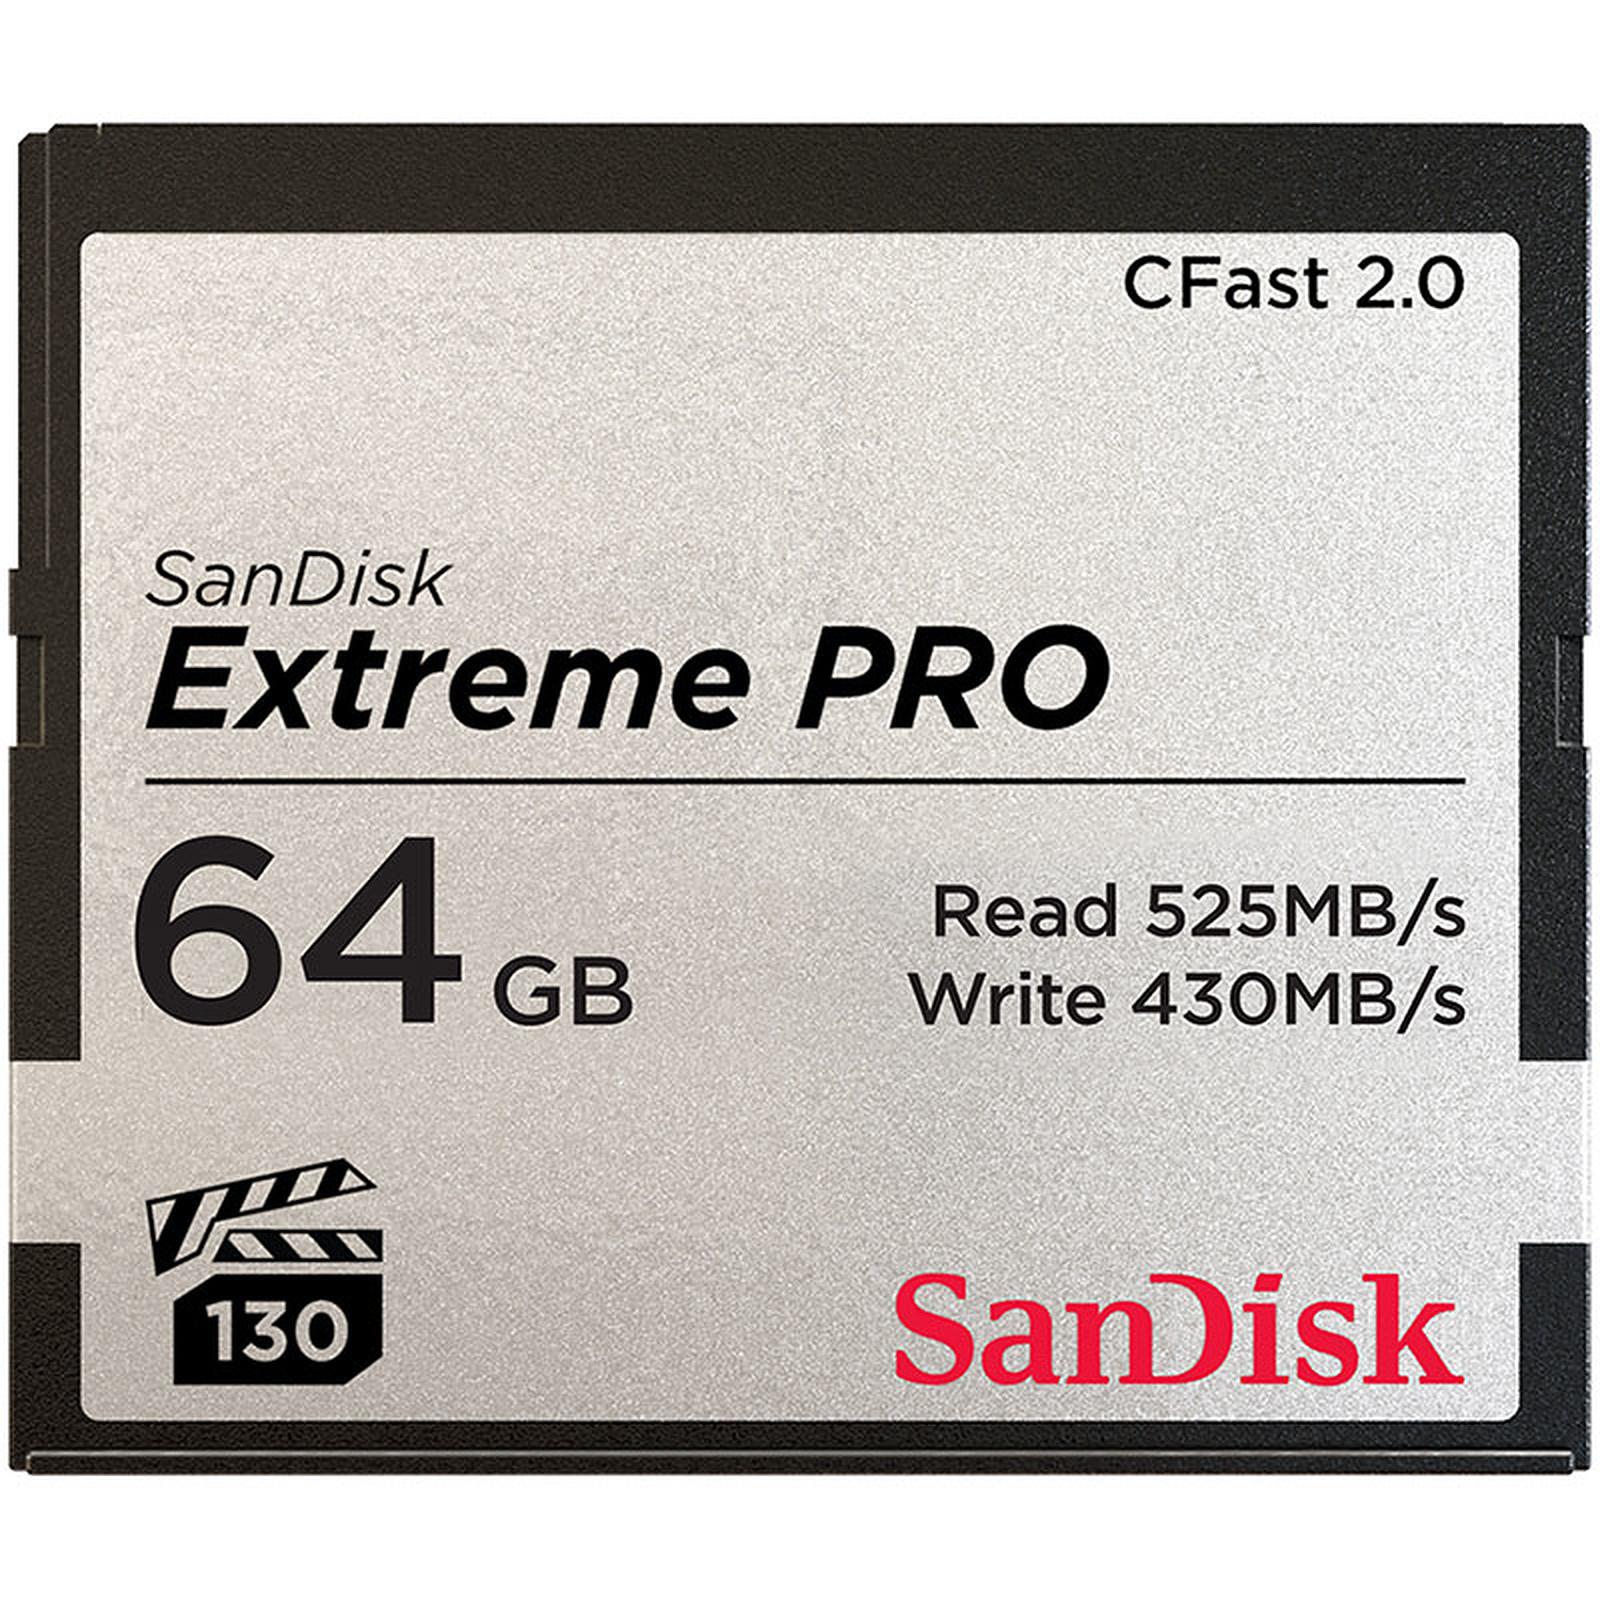 SanDisk Carte mémoire Extreme Pro CompactFlash CFast 2.0 64 Go